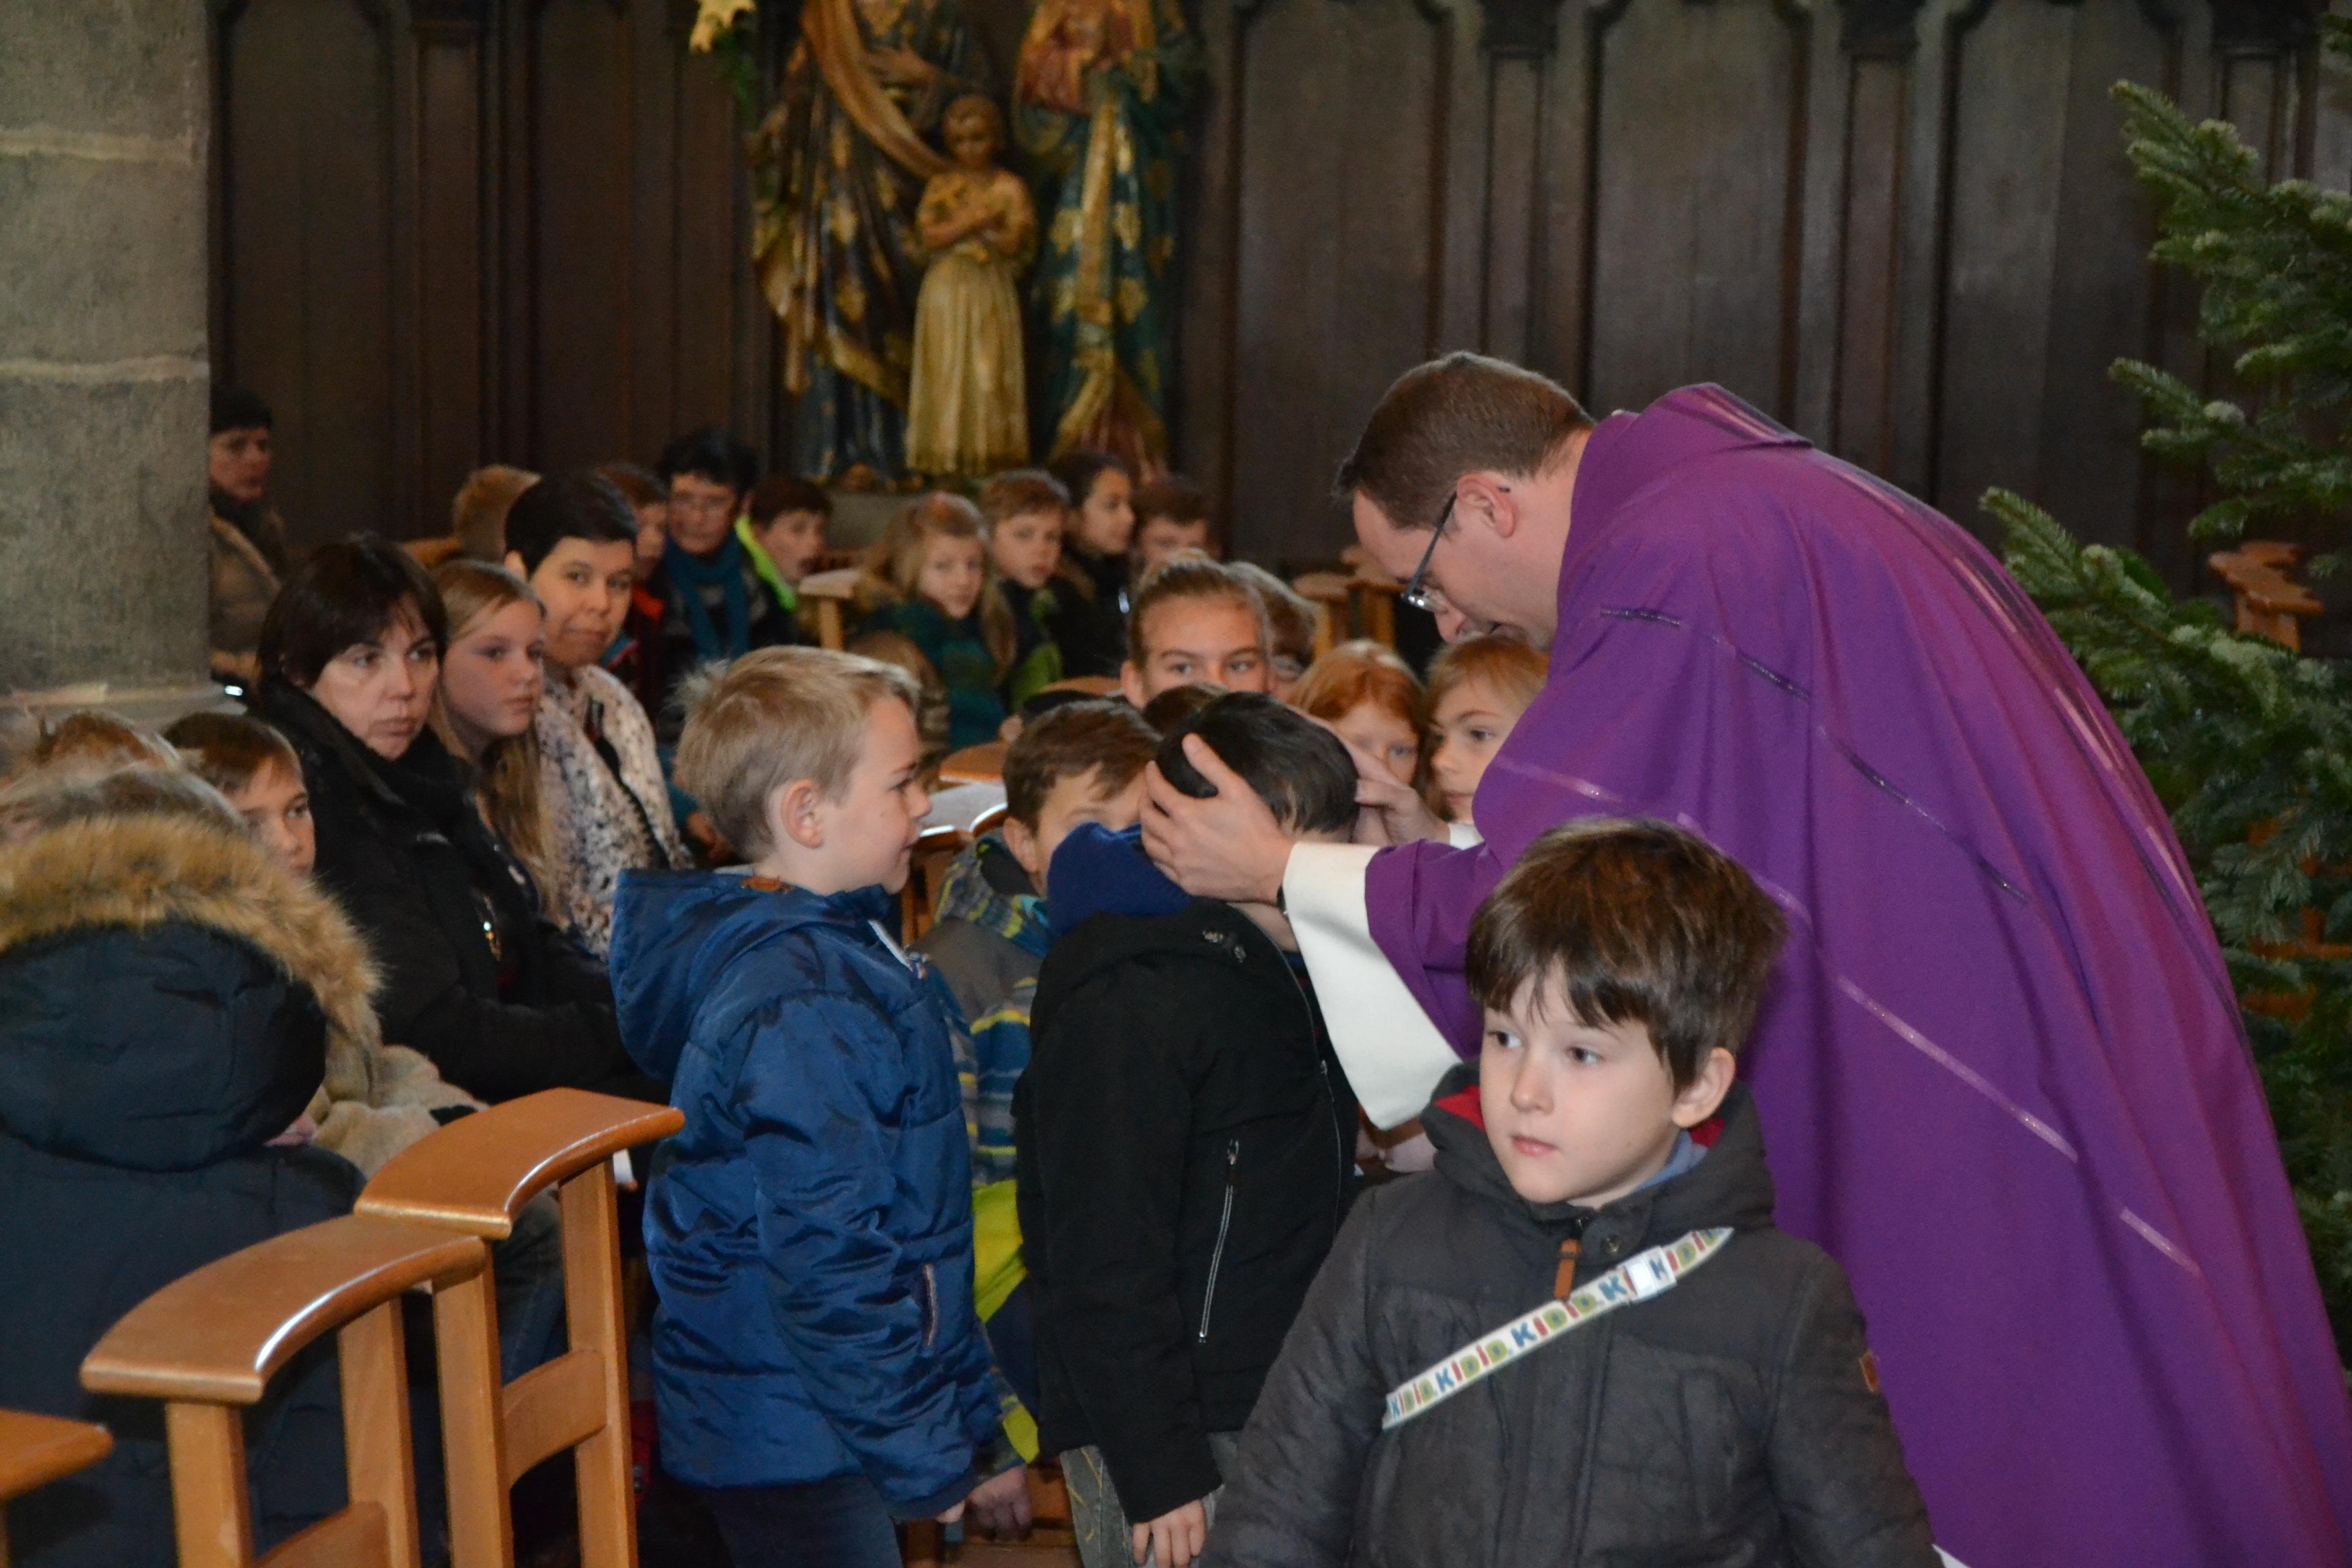 Kinderen die nog geen communie mogen ontvangen, krijgen een kruisje. © Geert Defauw